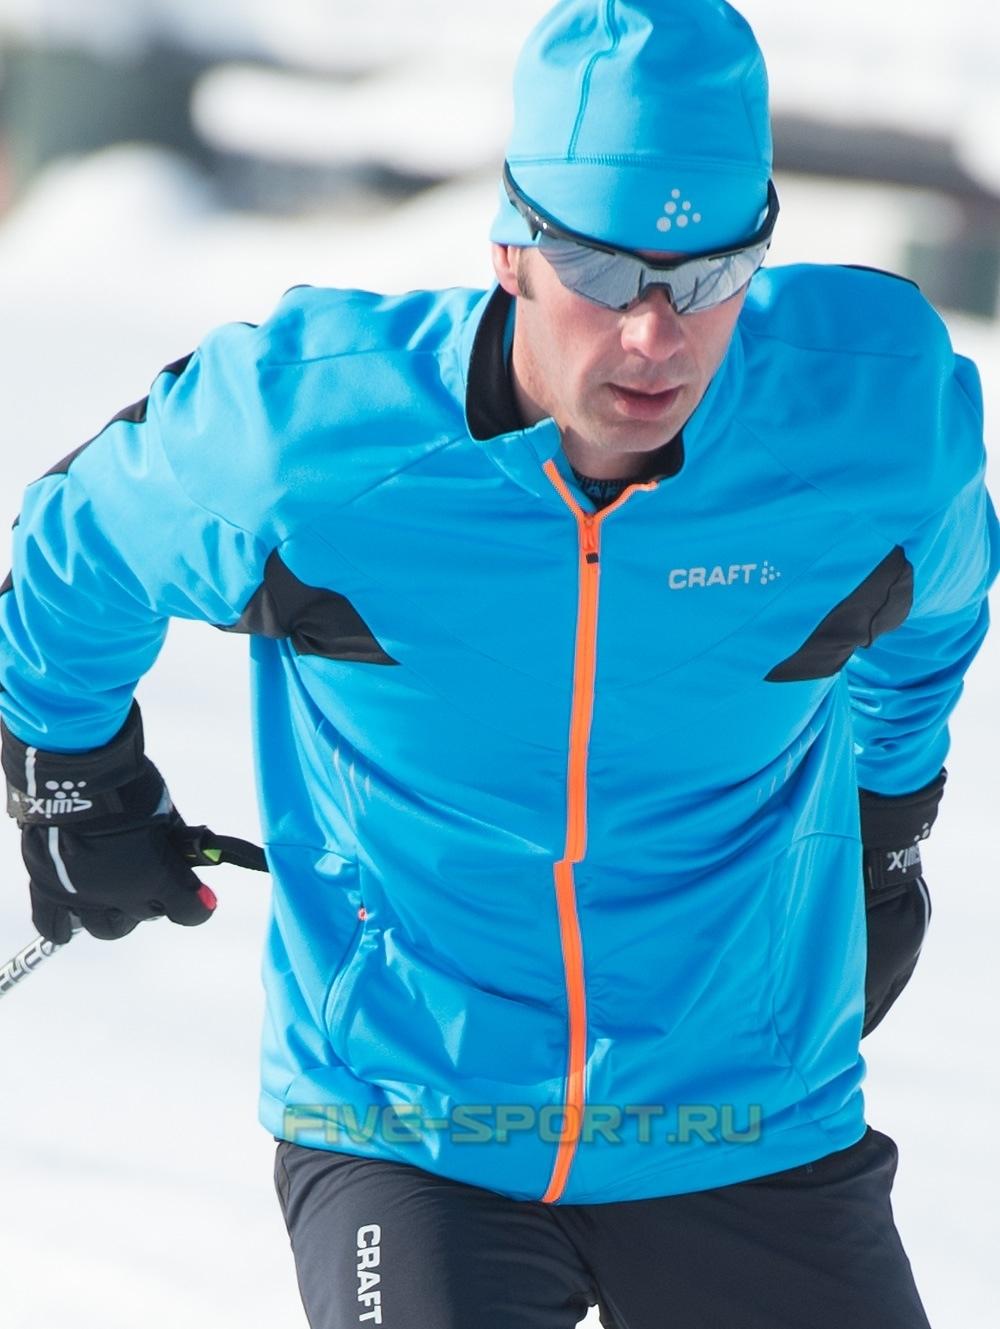 Лыжная куртка Craft PXC High Performance мужская Blue